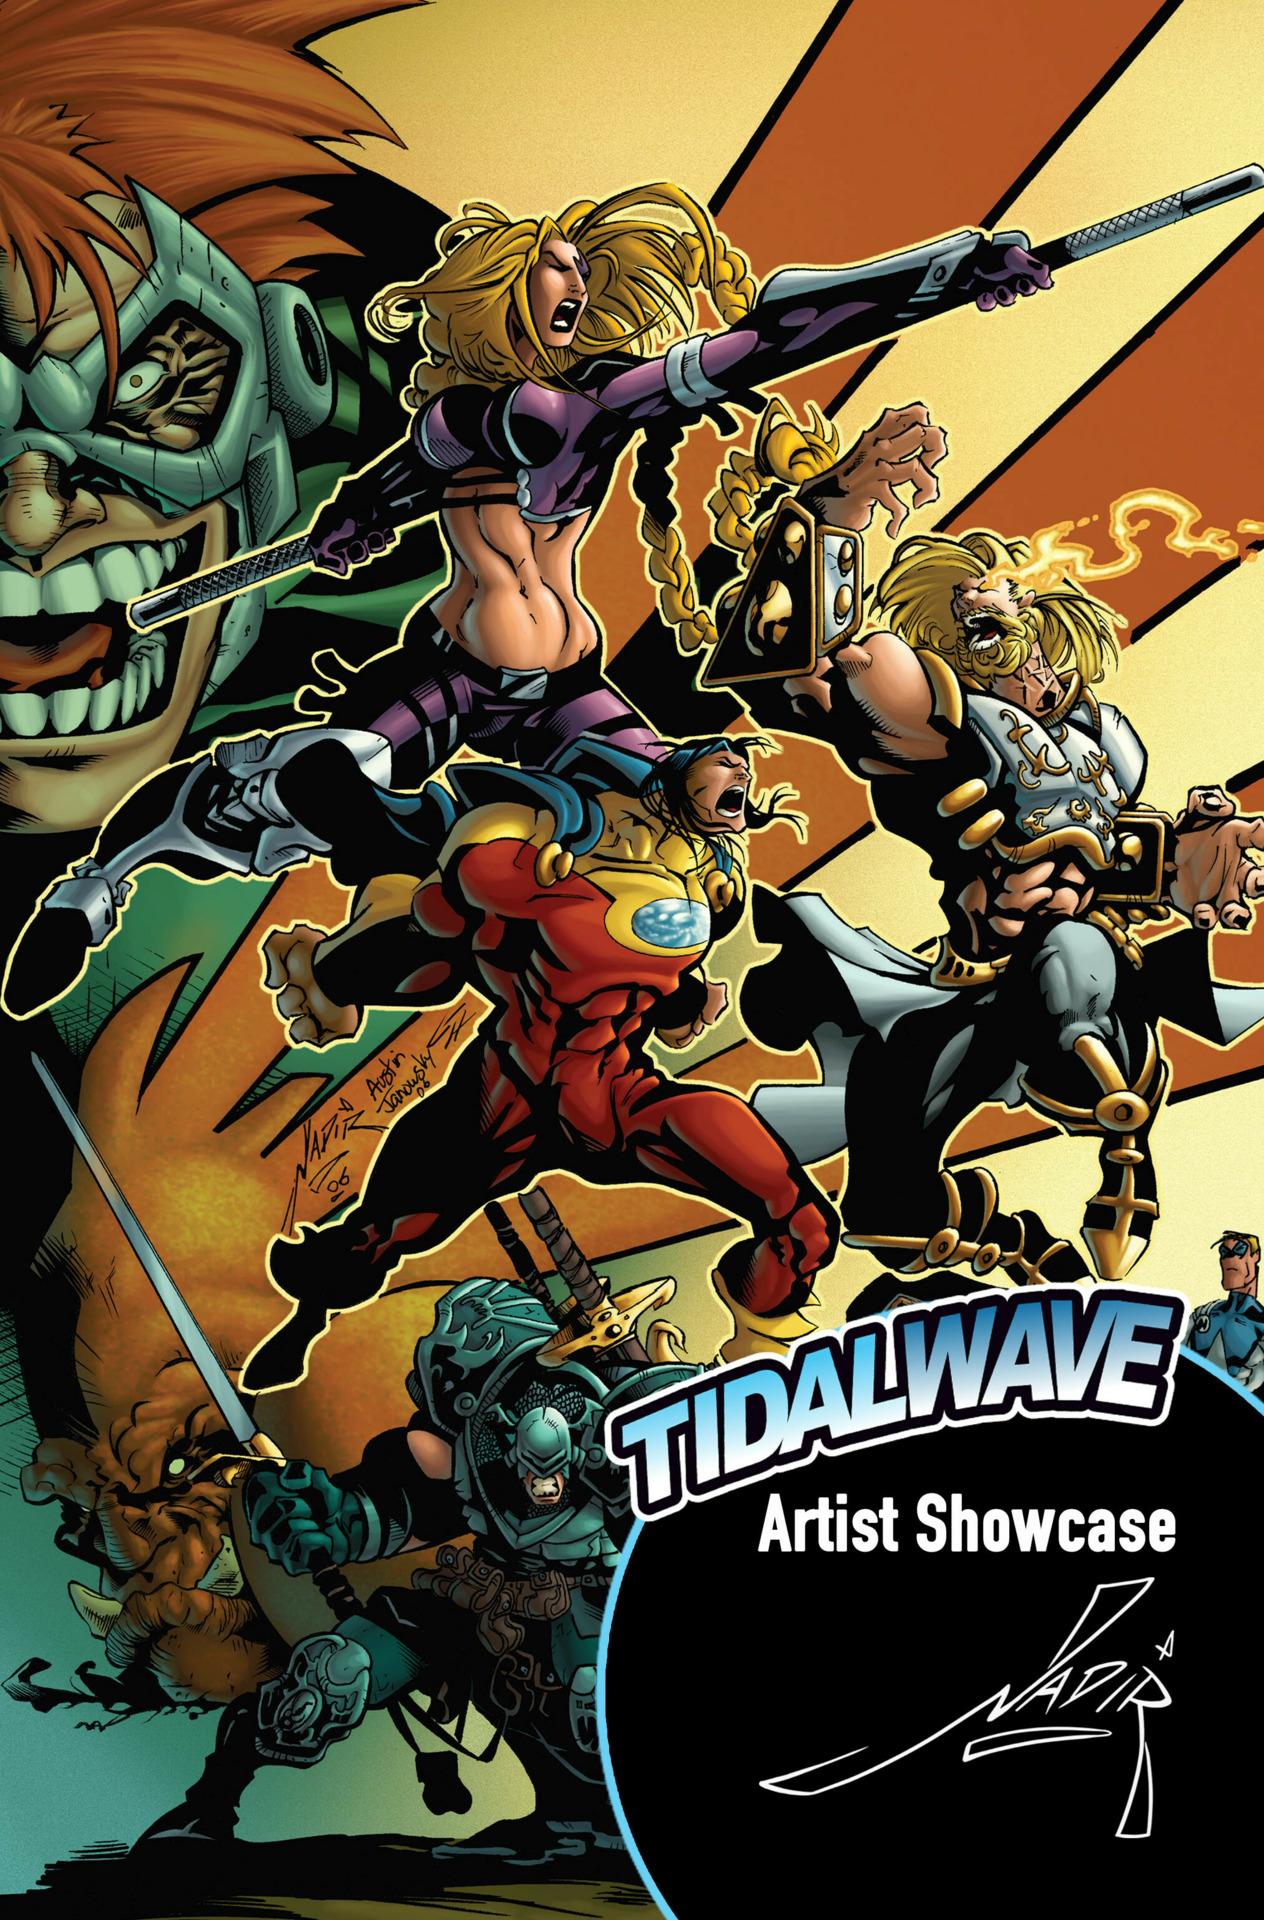 TidalWave Artist Showcase: Nadir Balan